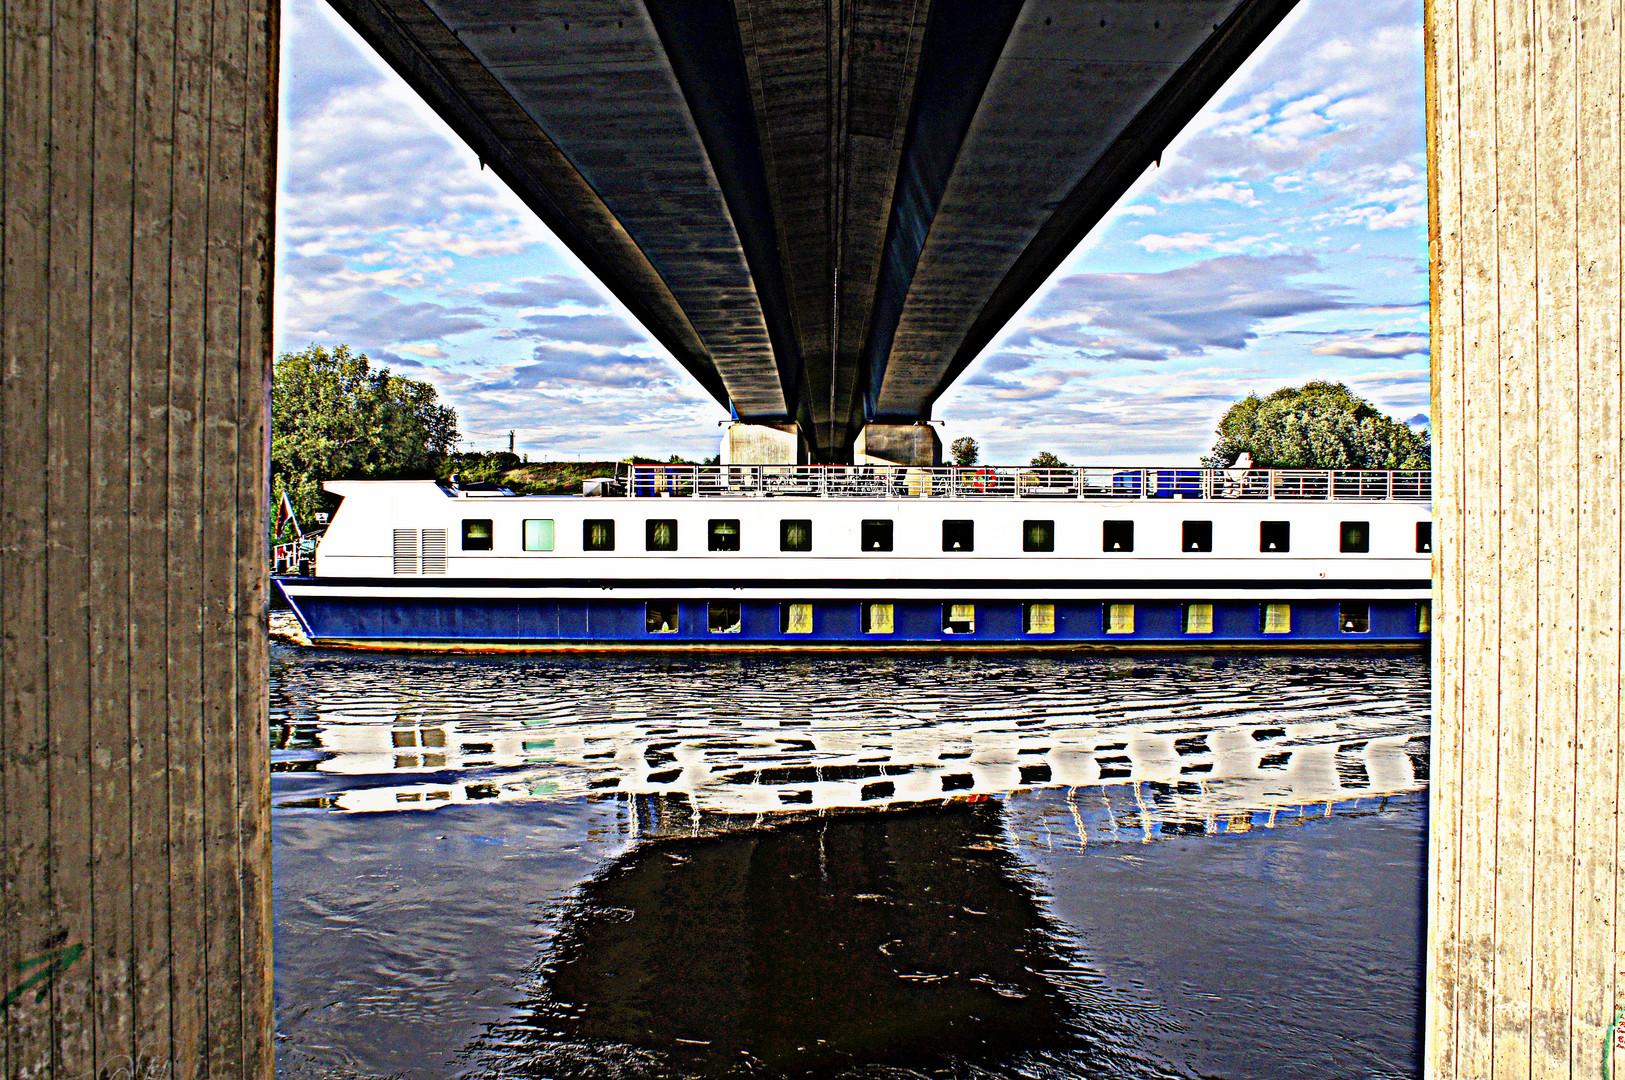 Kreuzfahrtschiff auf der Elbe im HDR-Versuch